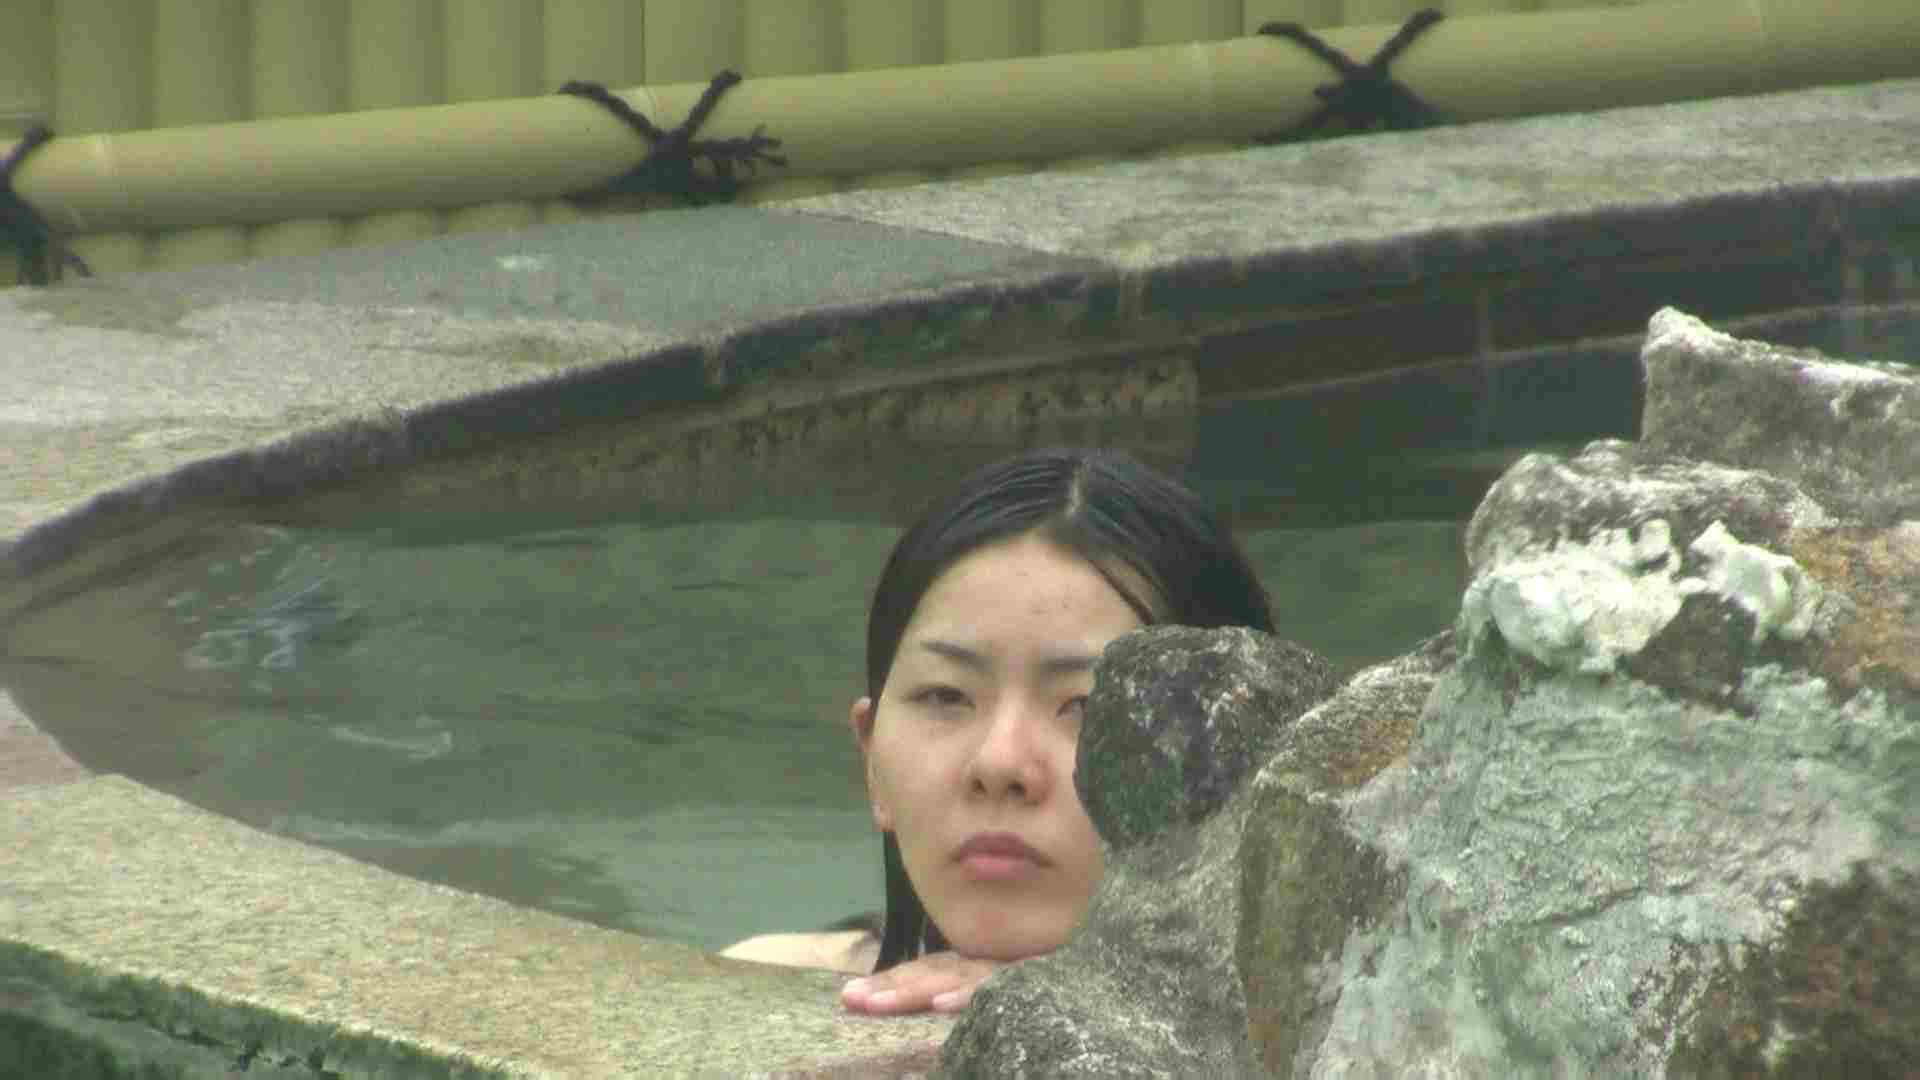 高画質露天女風呂観察 vol.040 高画質 オマンコ動画キャプチャ 94PIX 39